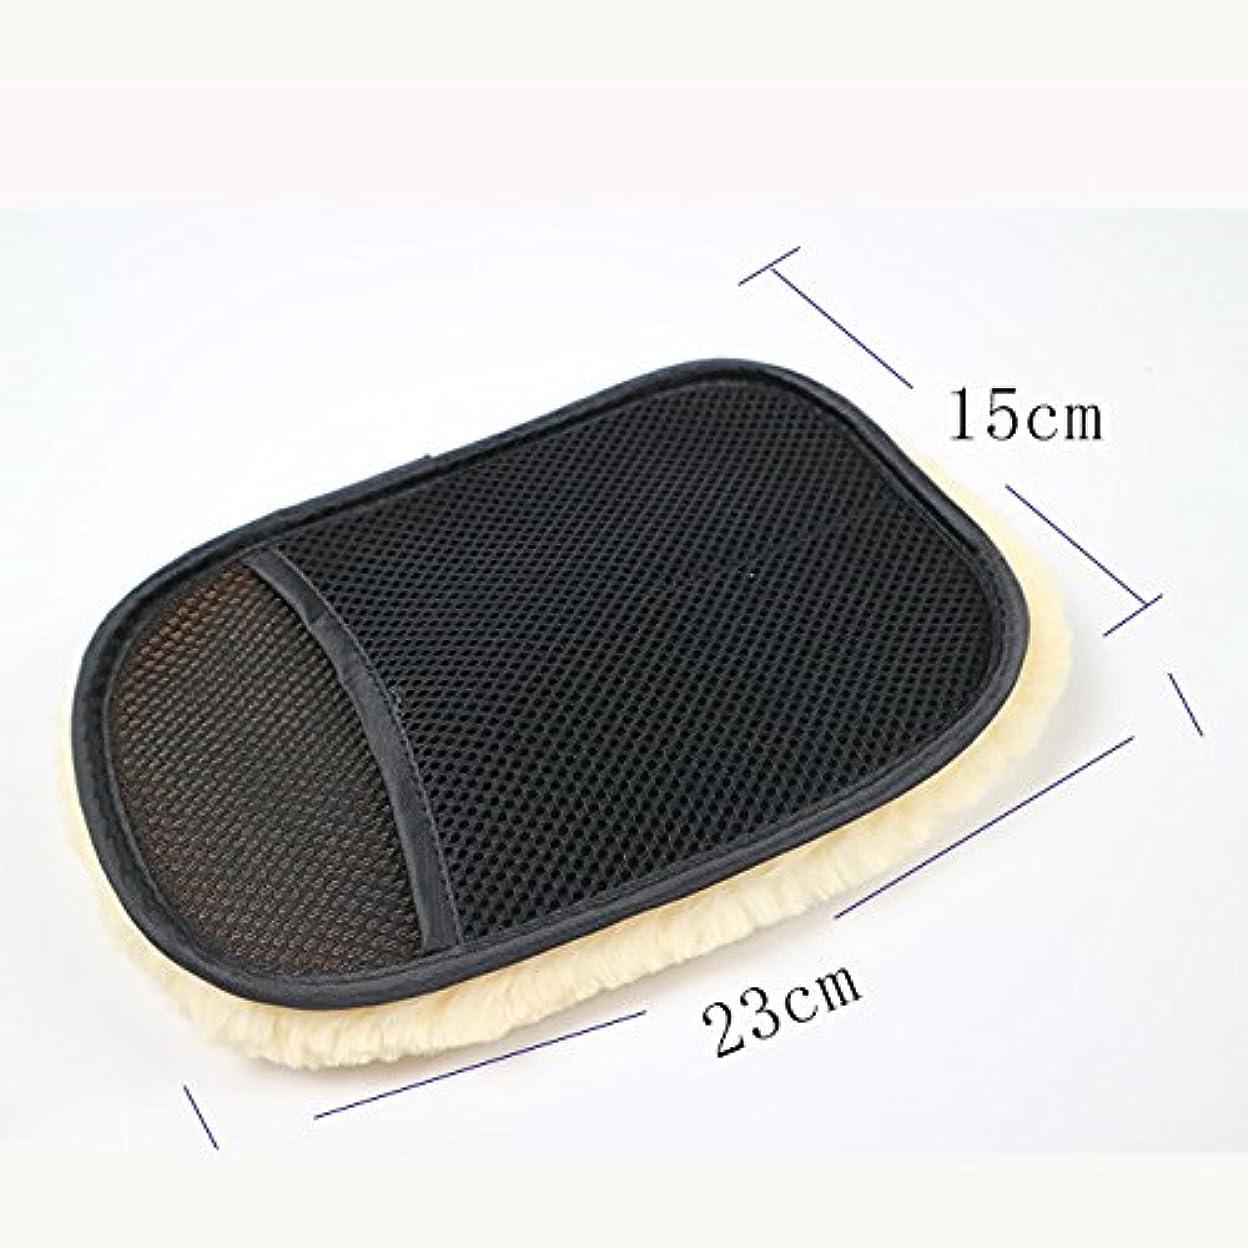 カウンターパート通り不透明なBTXXYJP カースタイリングウール 洗濯手袋 クリーニング ブラシ オートバイ ウォッシャーケア 5ペア (Color : Black, UnitCount : 5 pair)